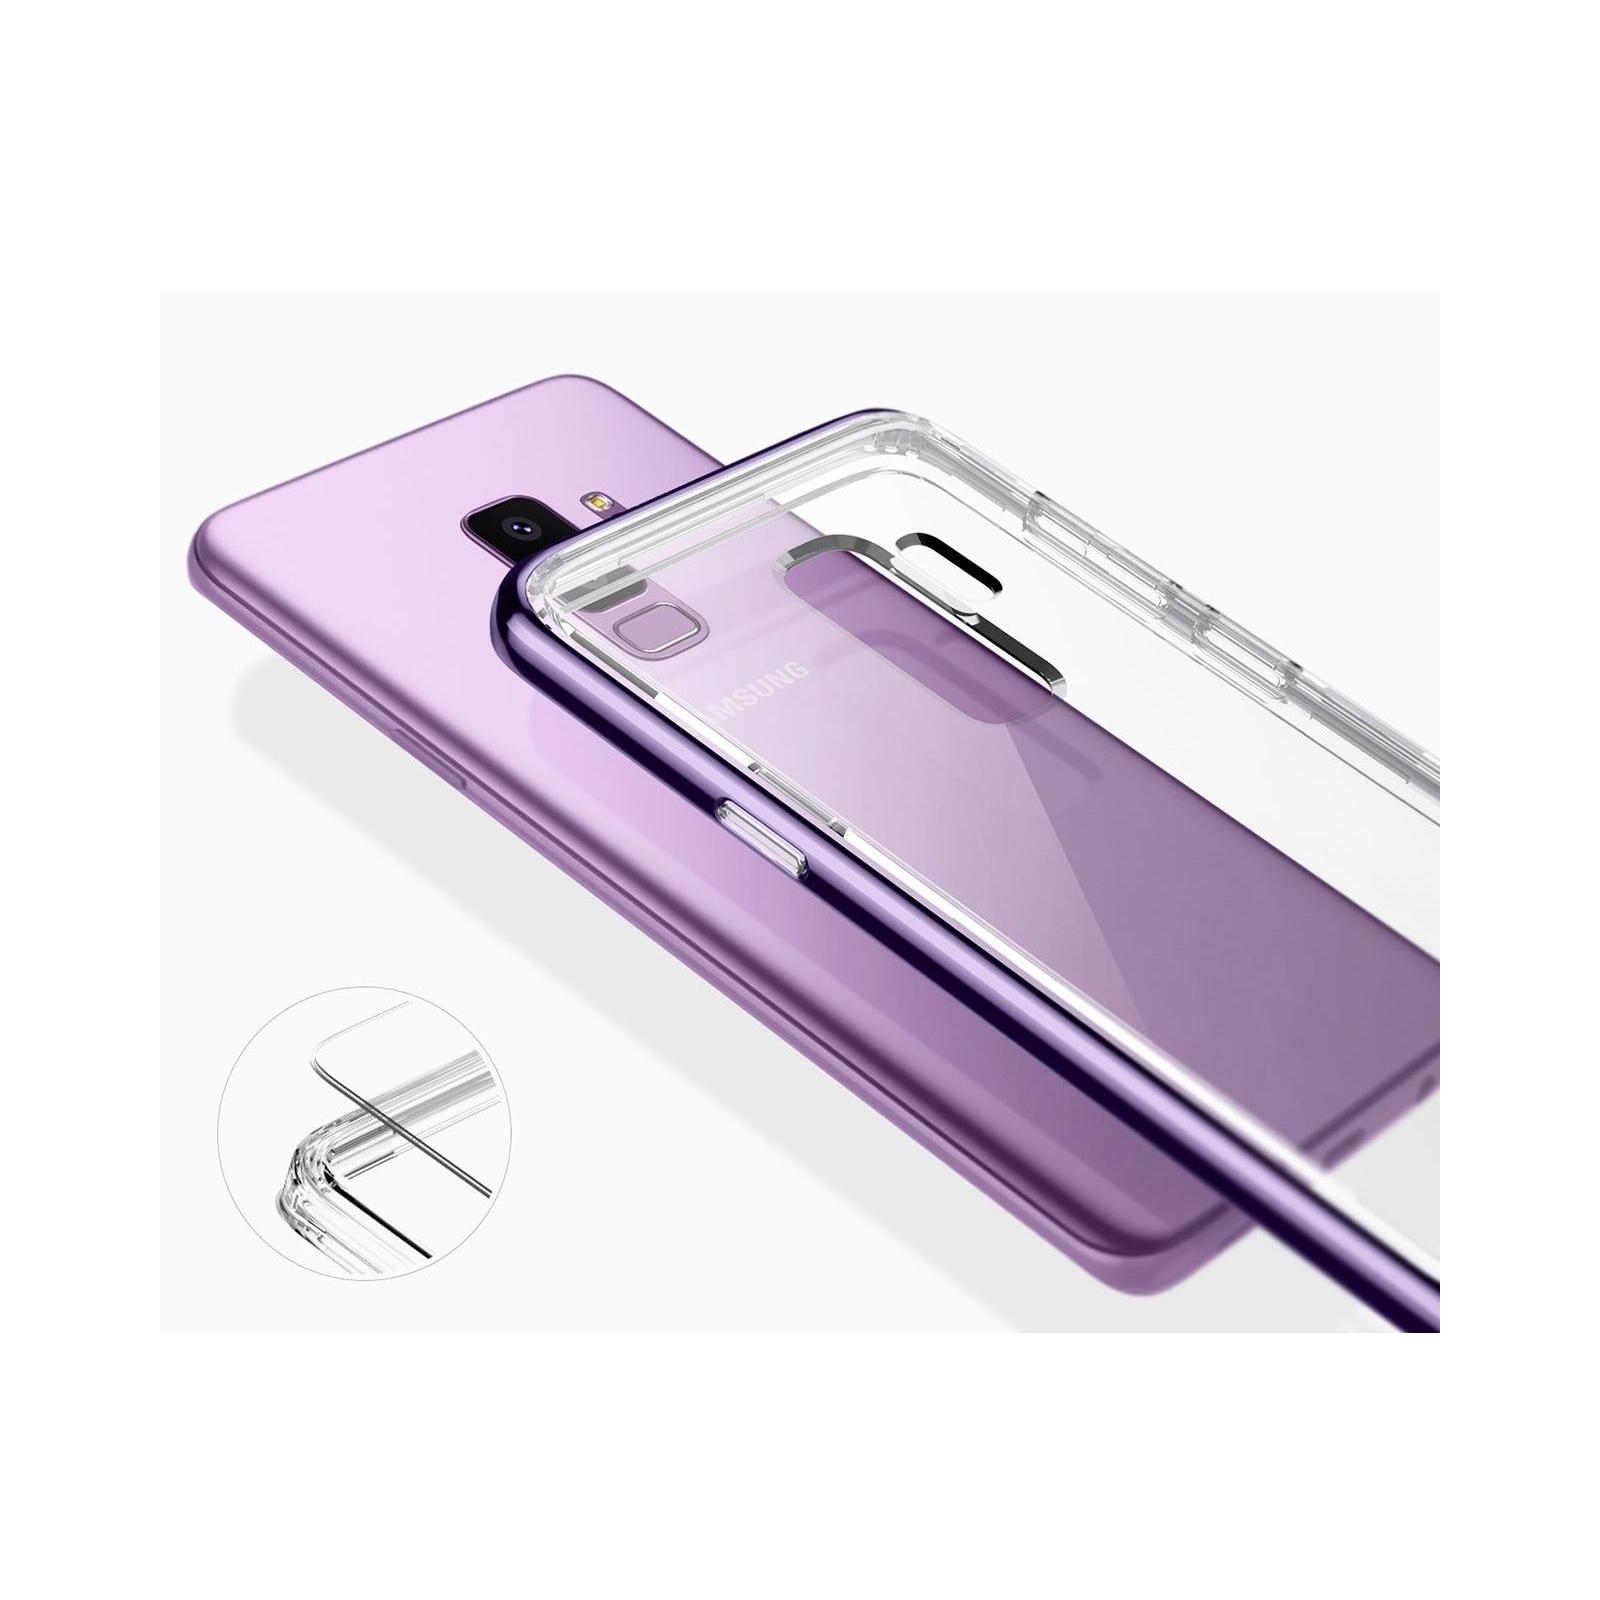 Чехол для моб. телефона Laudtec для SAMSUNG Galaxy S9 Plus Clear tpu (Transperent) (LC-GS9PB) изображение 9